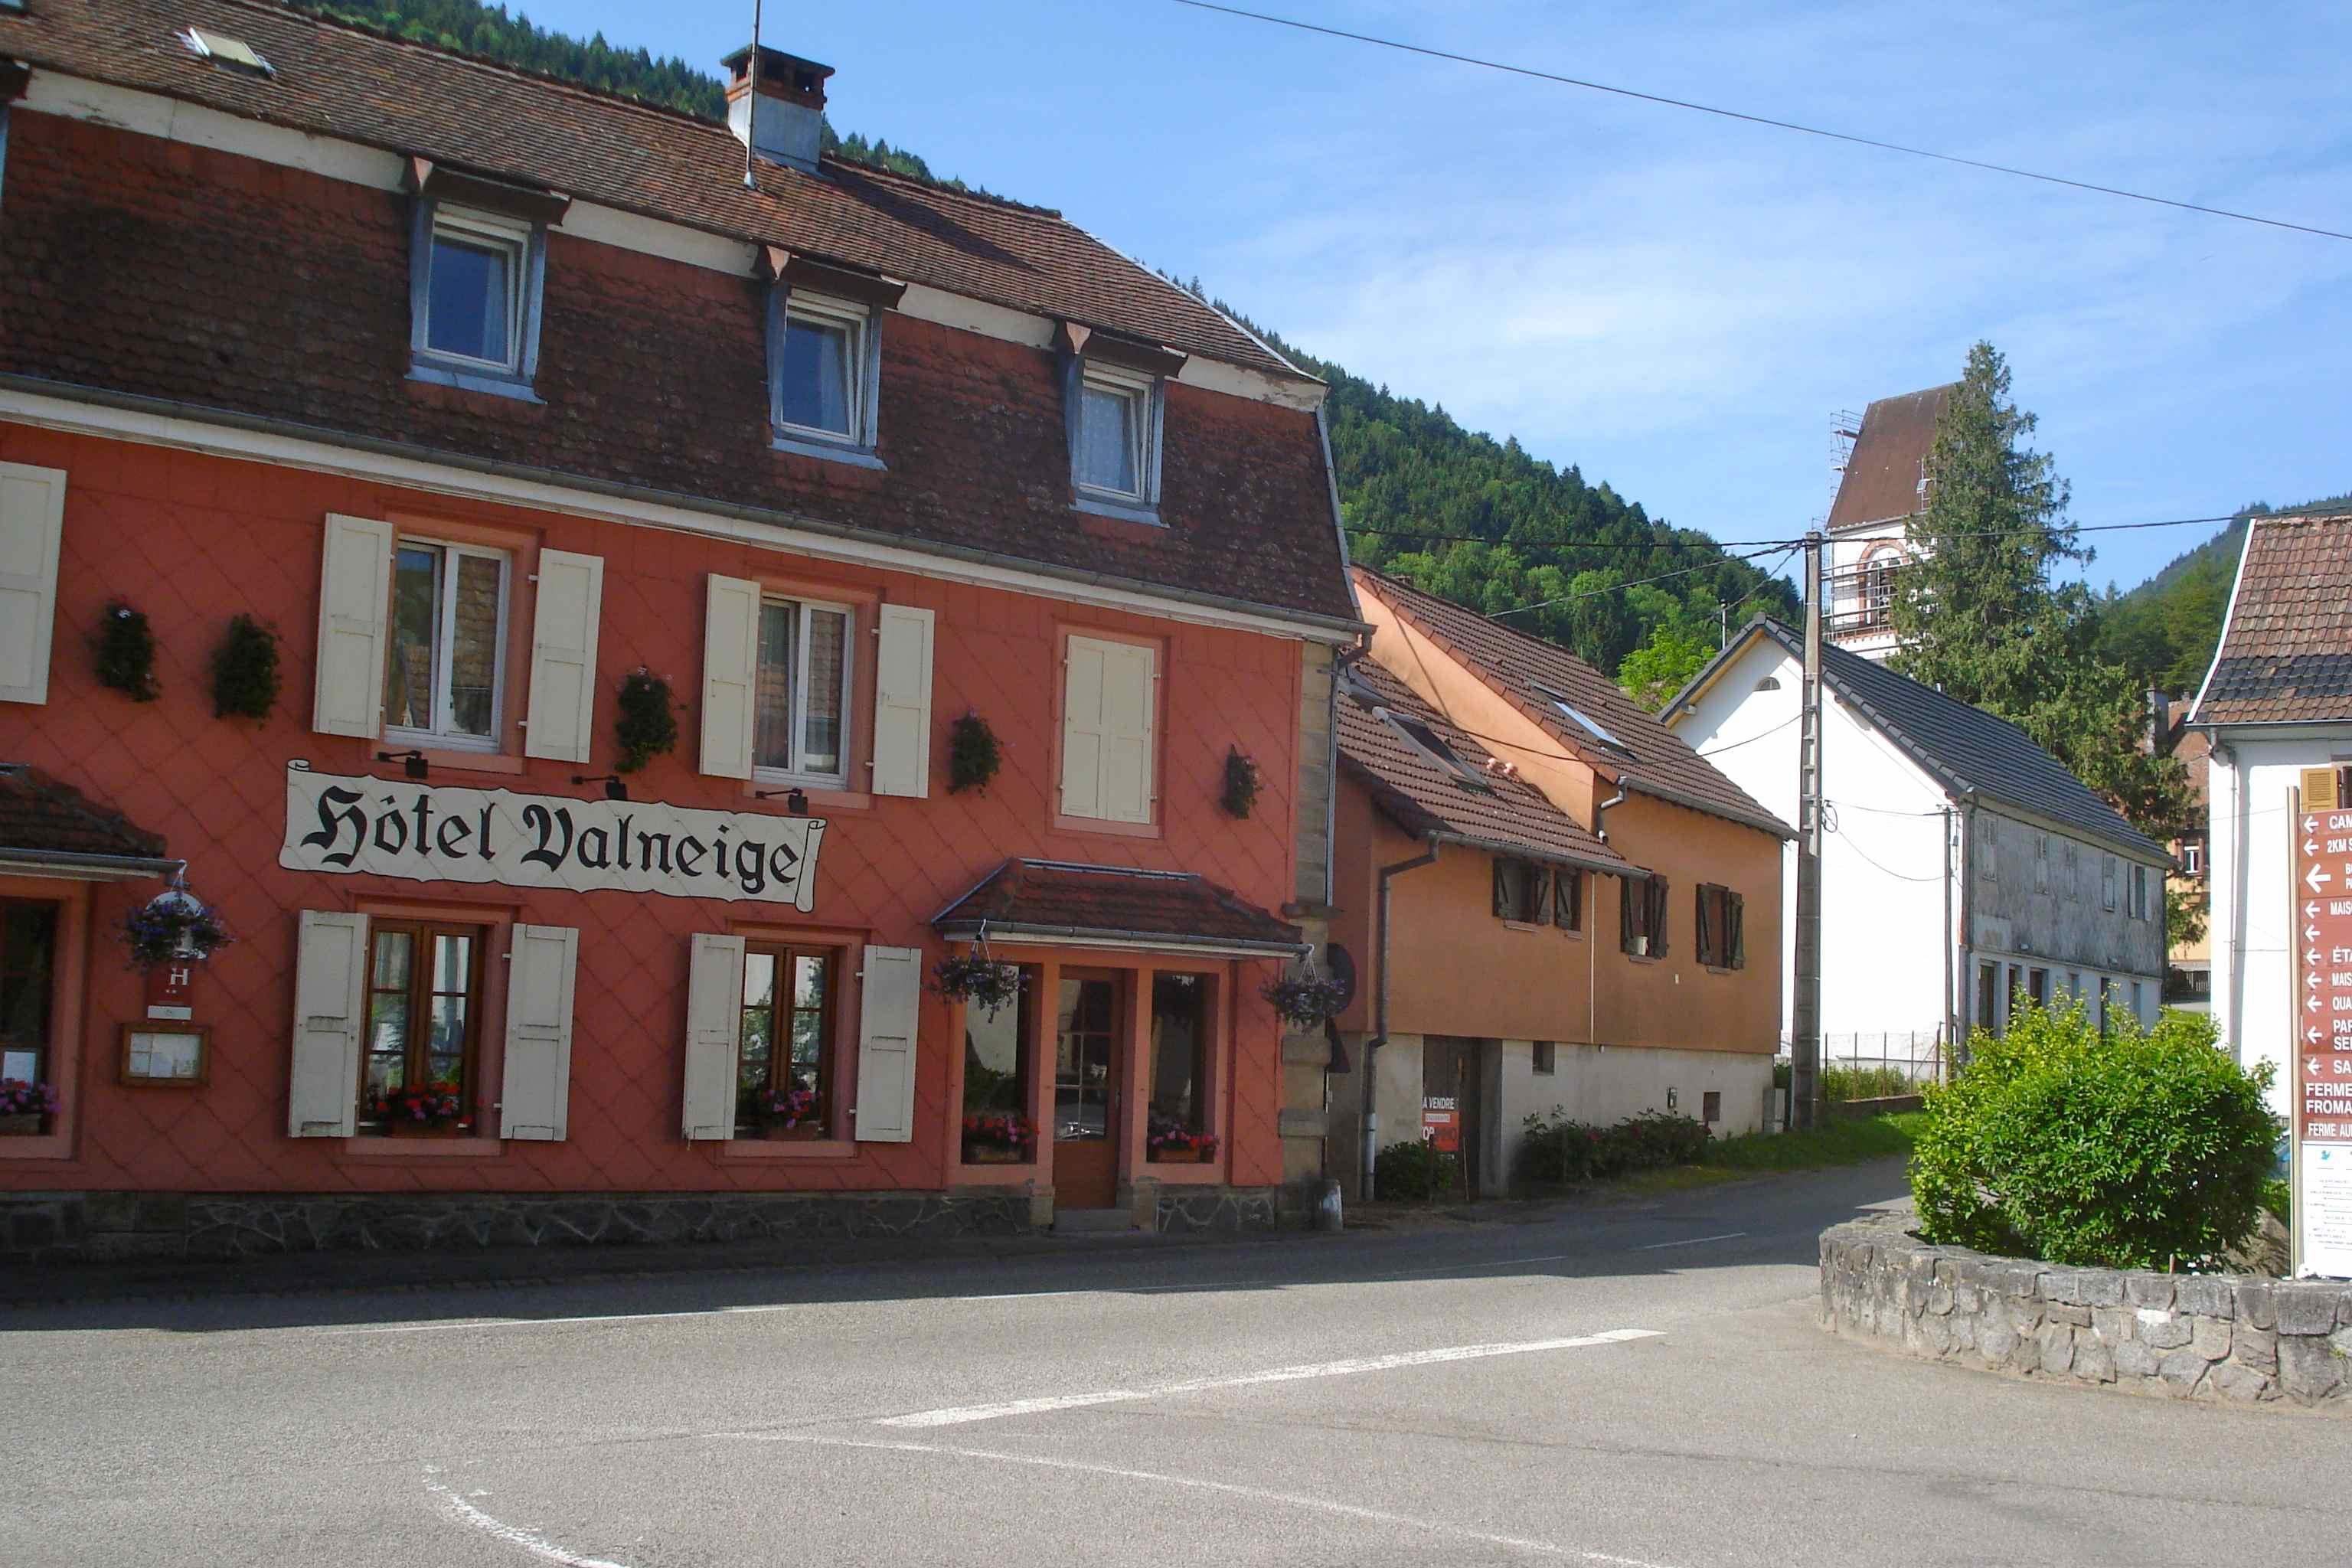 hotel Valneige, Mittlach